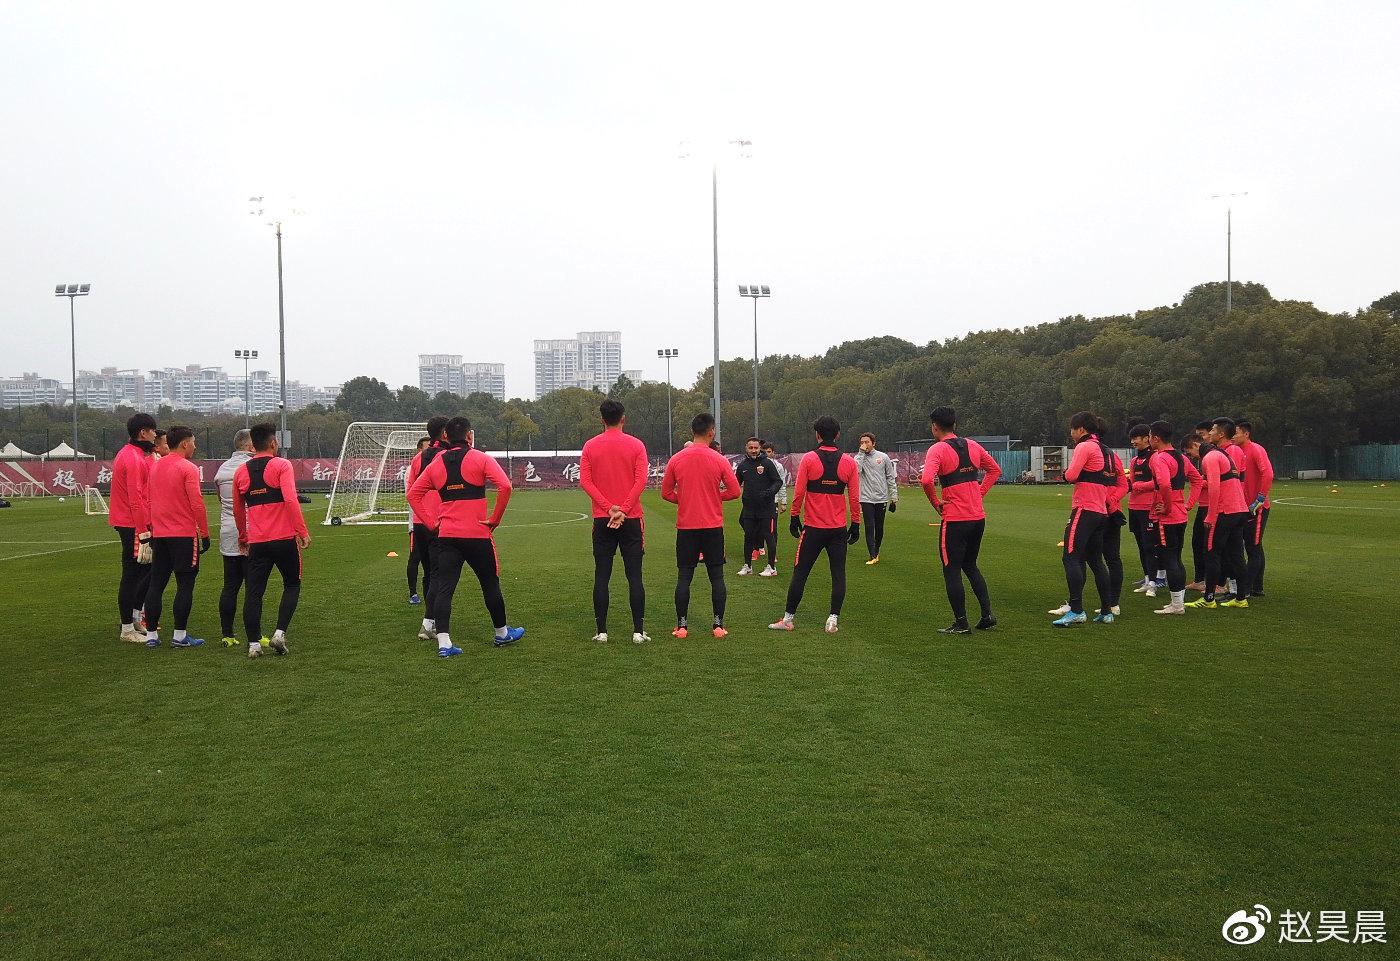 上港今日开始新赛季首练,外援1月4日归队进行合练